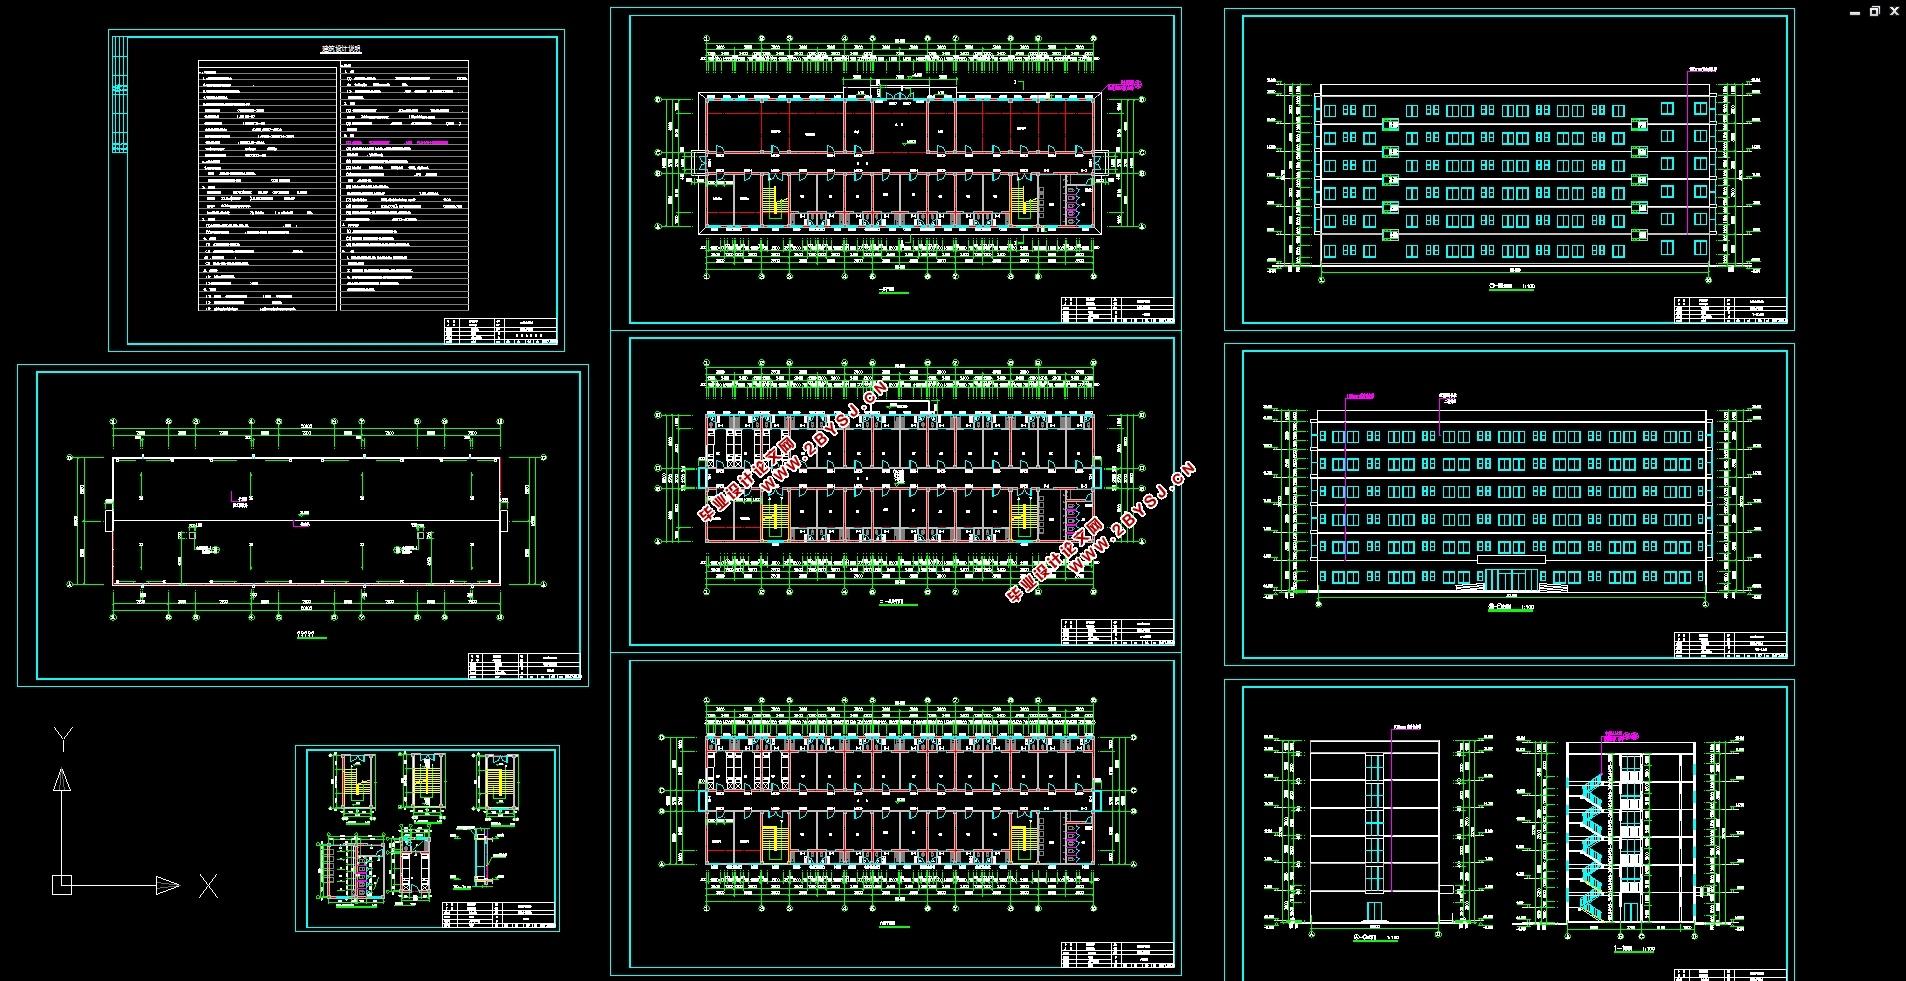 图8张,结构图9张) 本工程是福州市A中学宿舍楼设计,为混凝土框架体系。毕业设计过程中主要是对建筑设计和结构设计两部分进行的。 工程概况 该工程大楼为六层,主体为现浇钢筋混凝土框架结构,建筑面积5070.0,建筑物共6层,底层层高3.9m,标准层层高3.60m,顶层层高3.60m,总高度21.